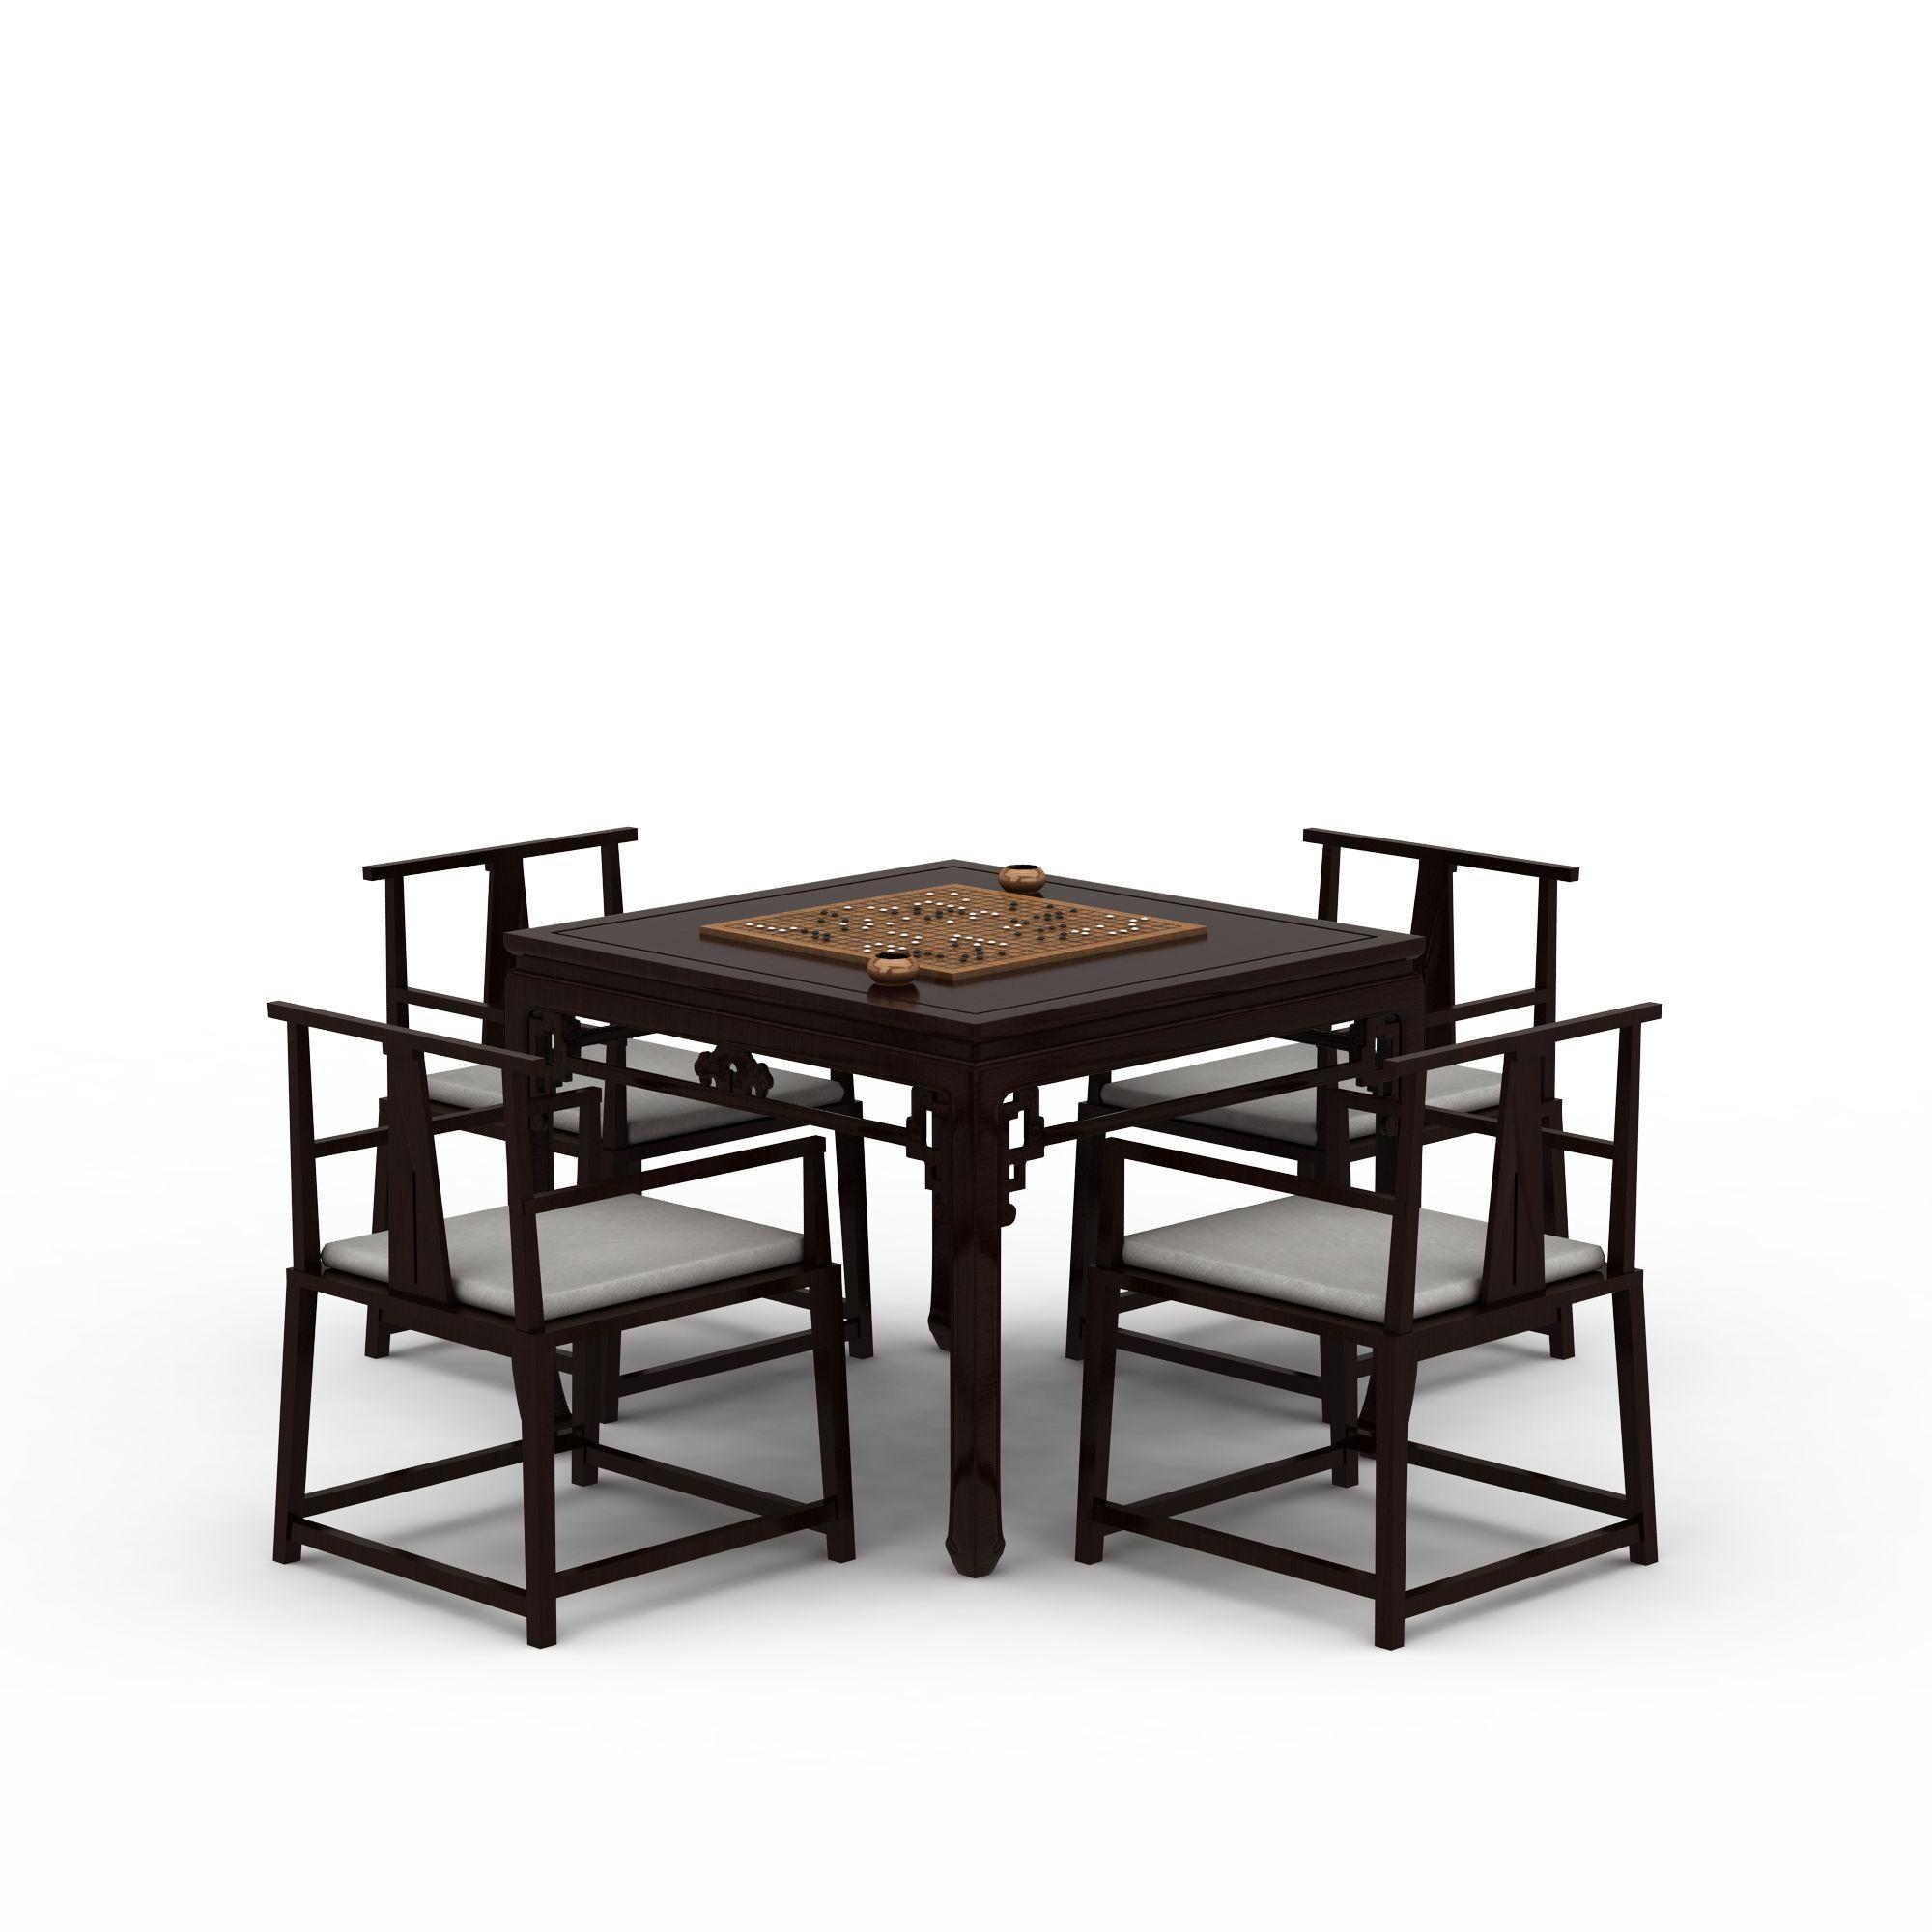 新中式桌椅组合图片_新中式桌椅组合png图片素材_新图图片